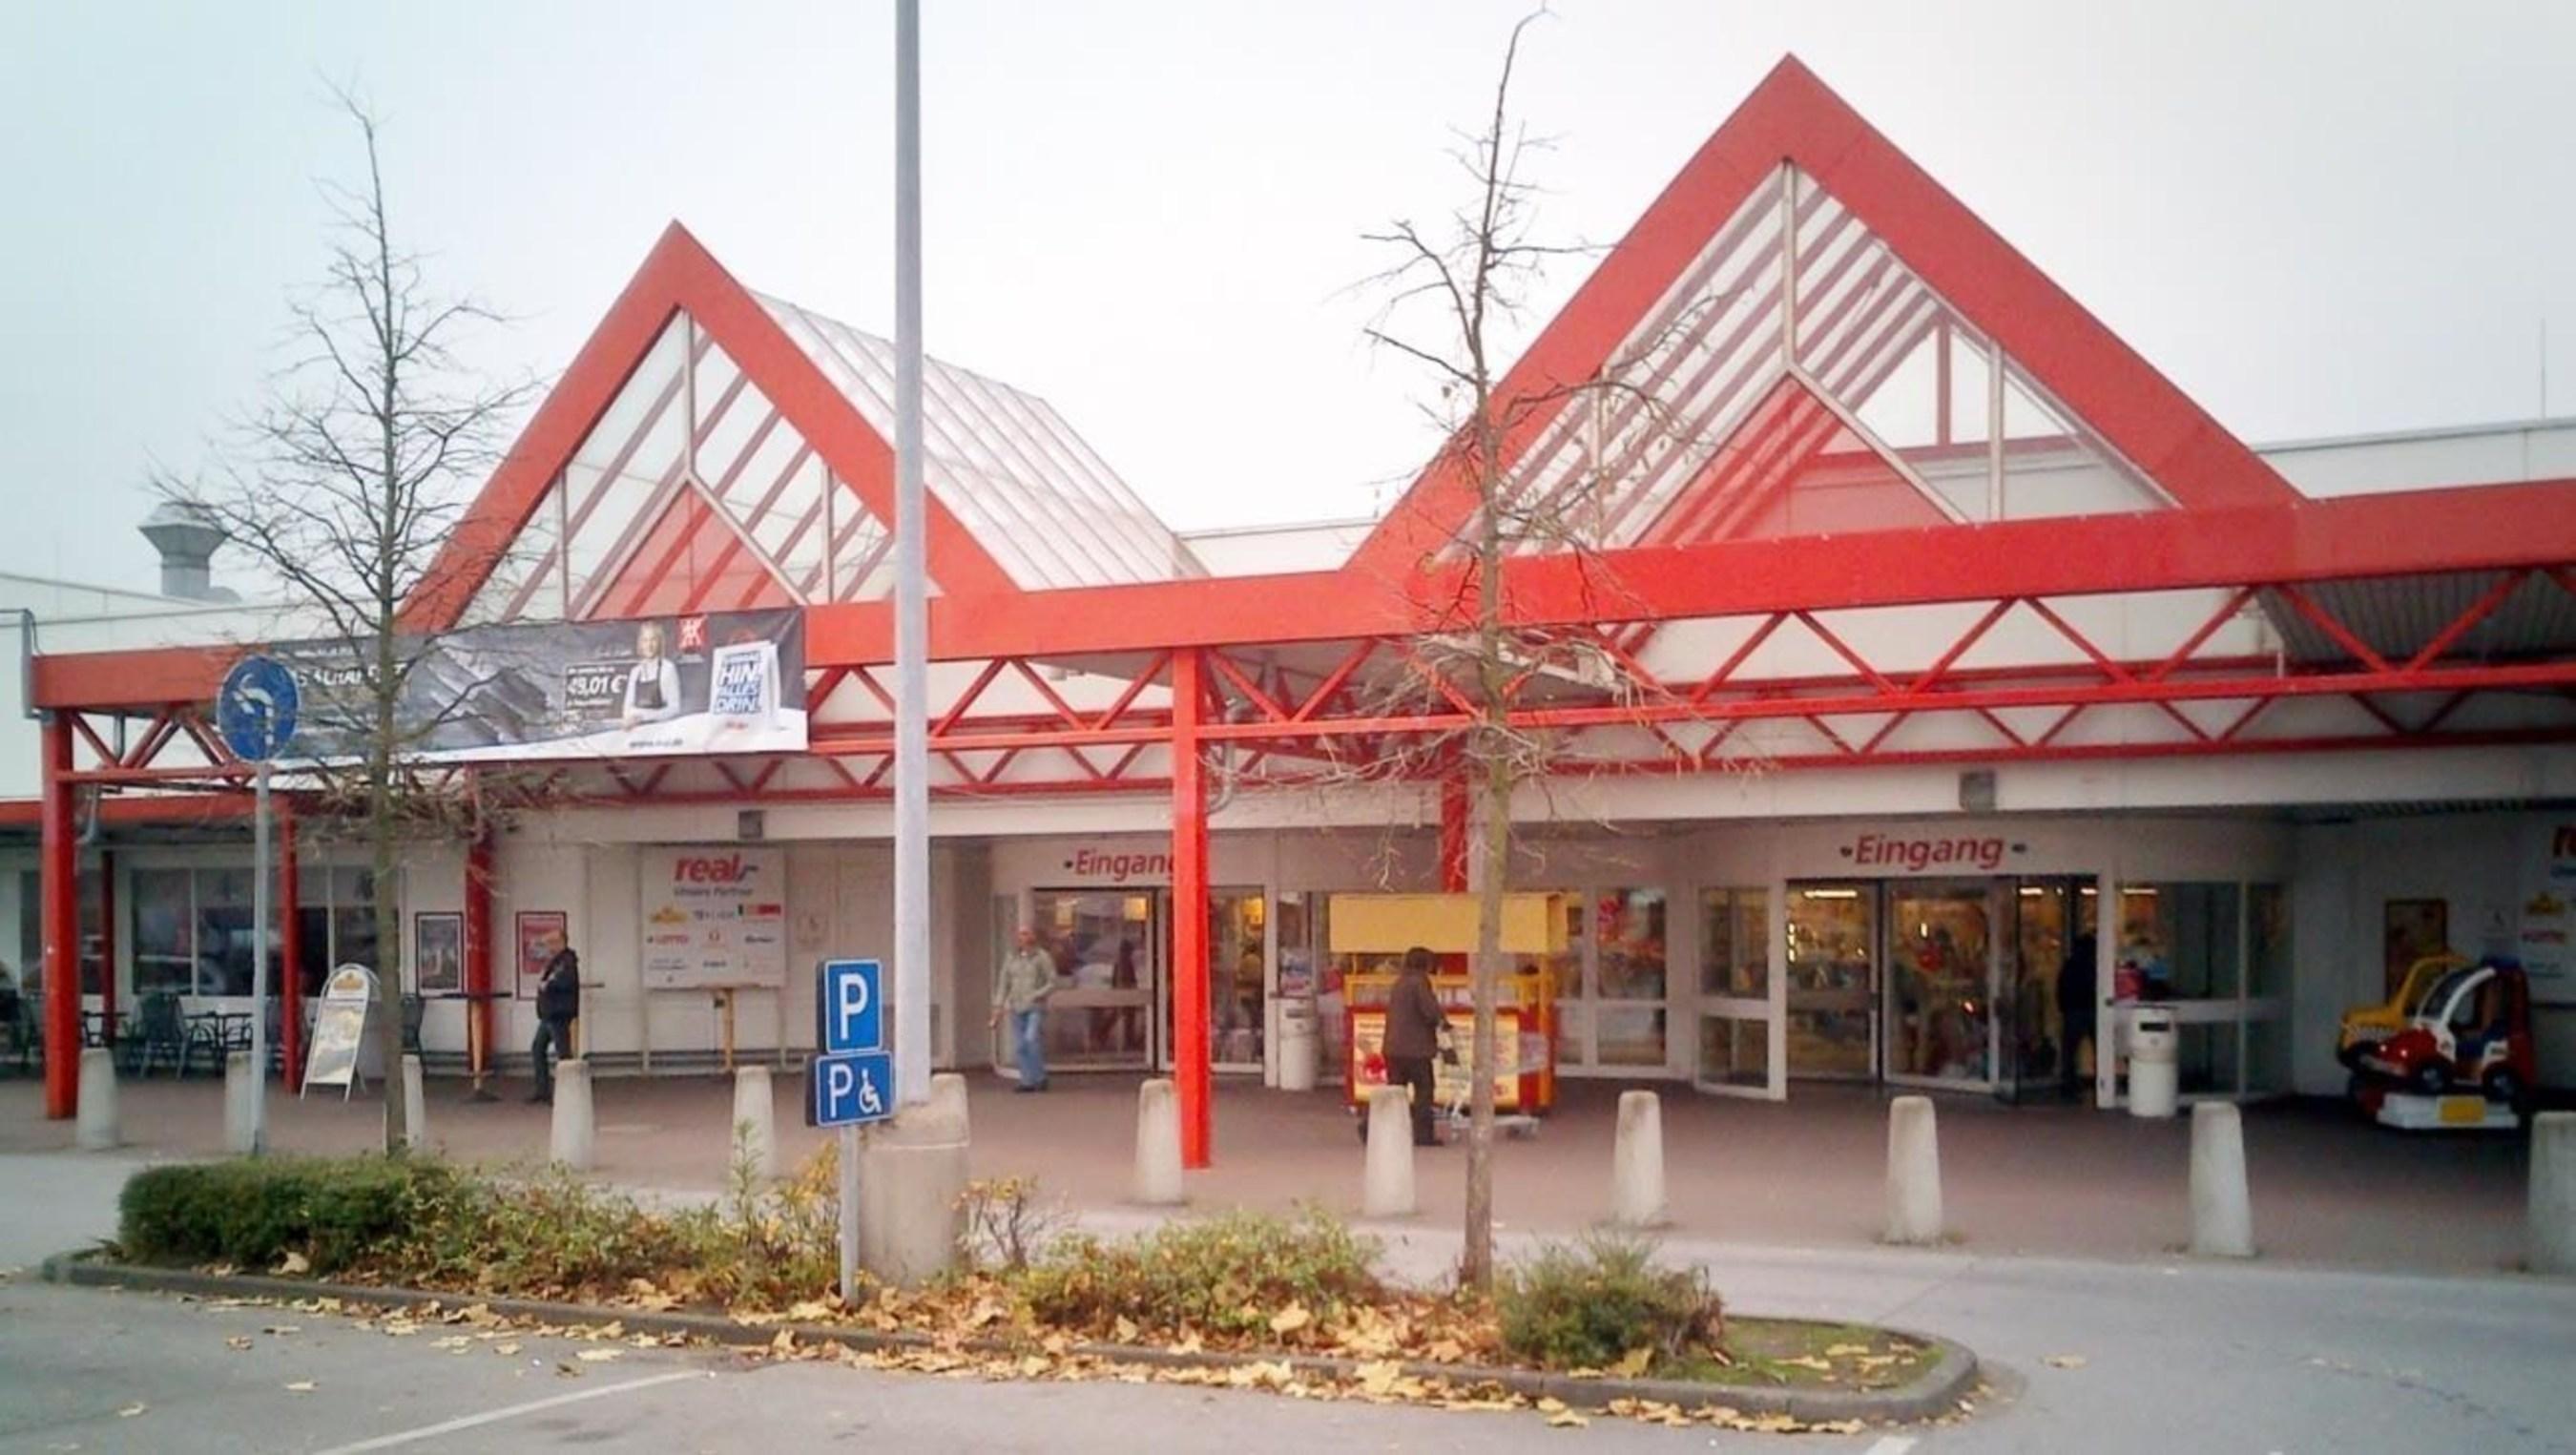 W. P. Carey erwirbt im Namen von CPA:17 - Global einen real,- Markt in  Gelsenkirchen, Deutschland